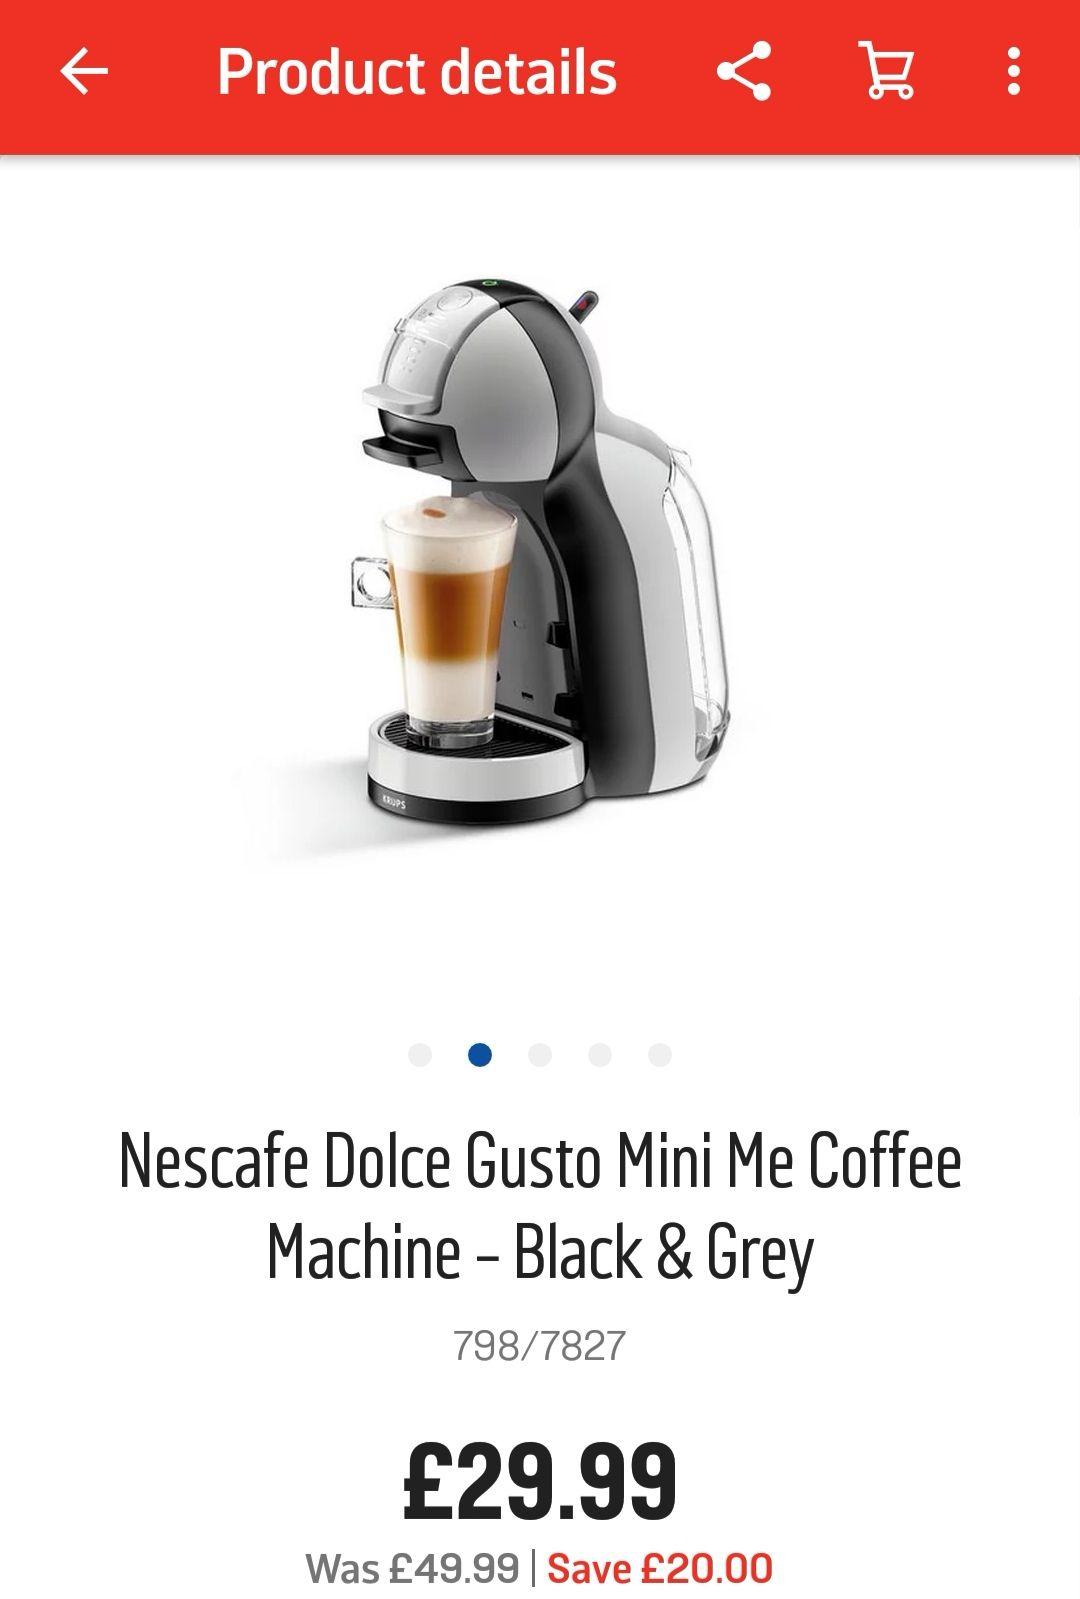 Nescafe Dolce Gusto Mini Me Coffee Machine Black Greyby Nescafe